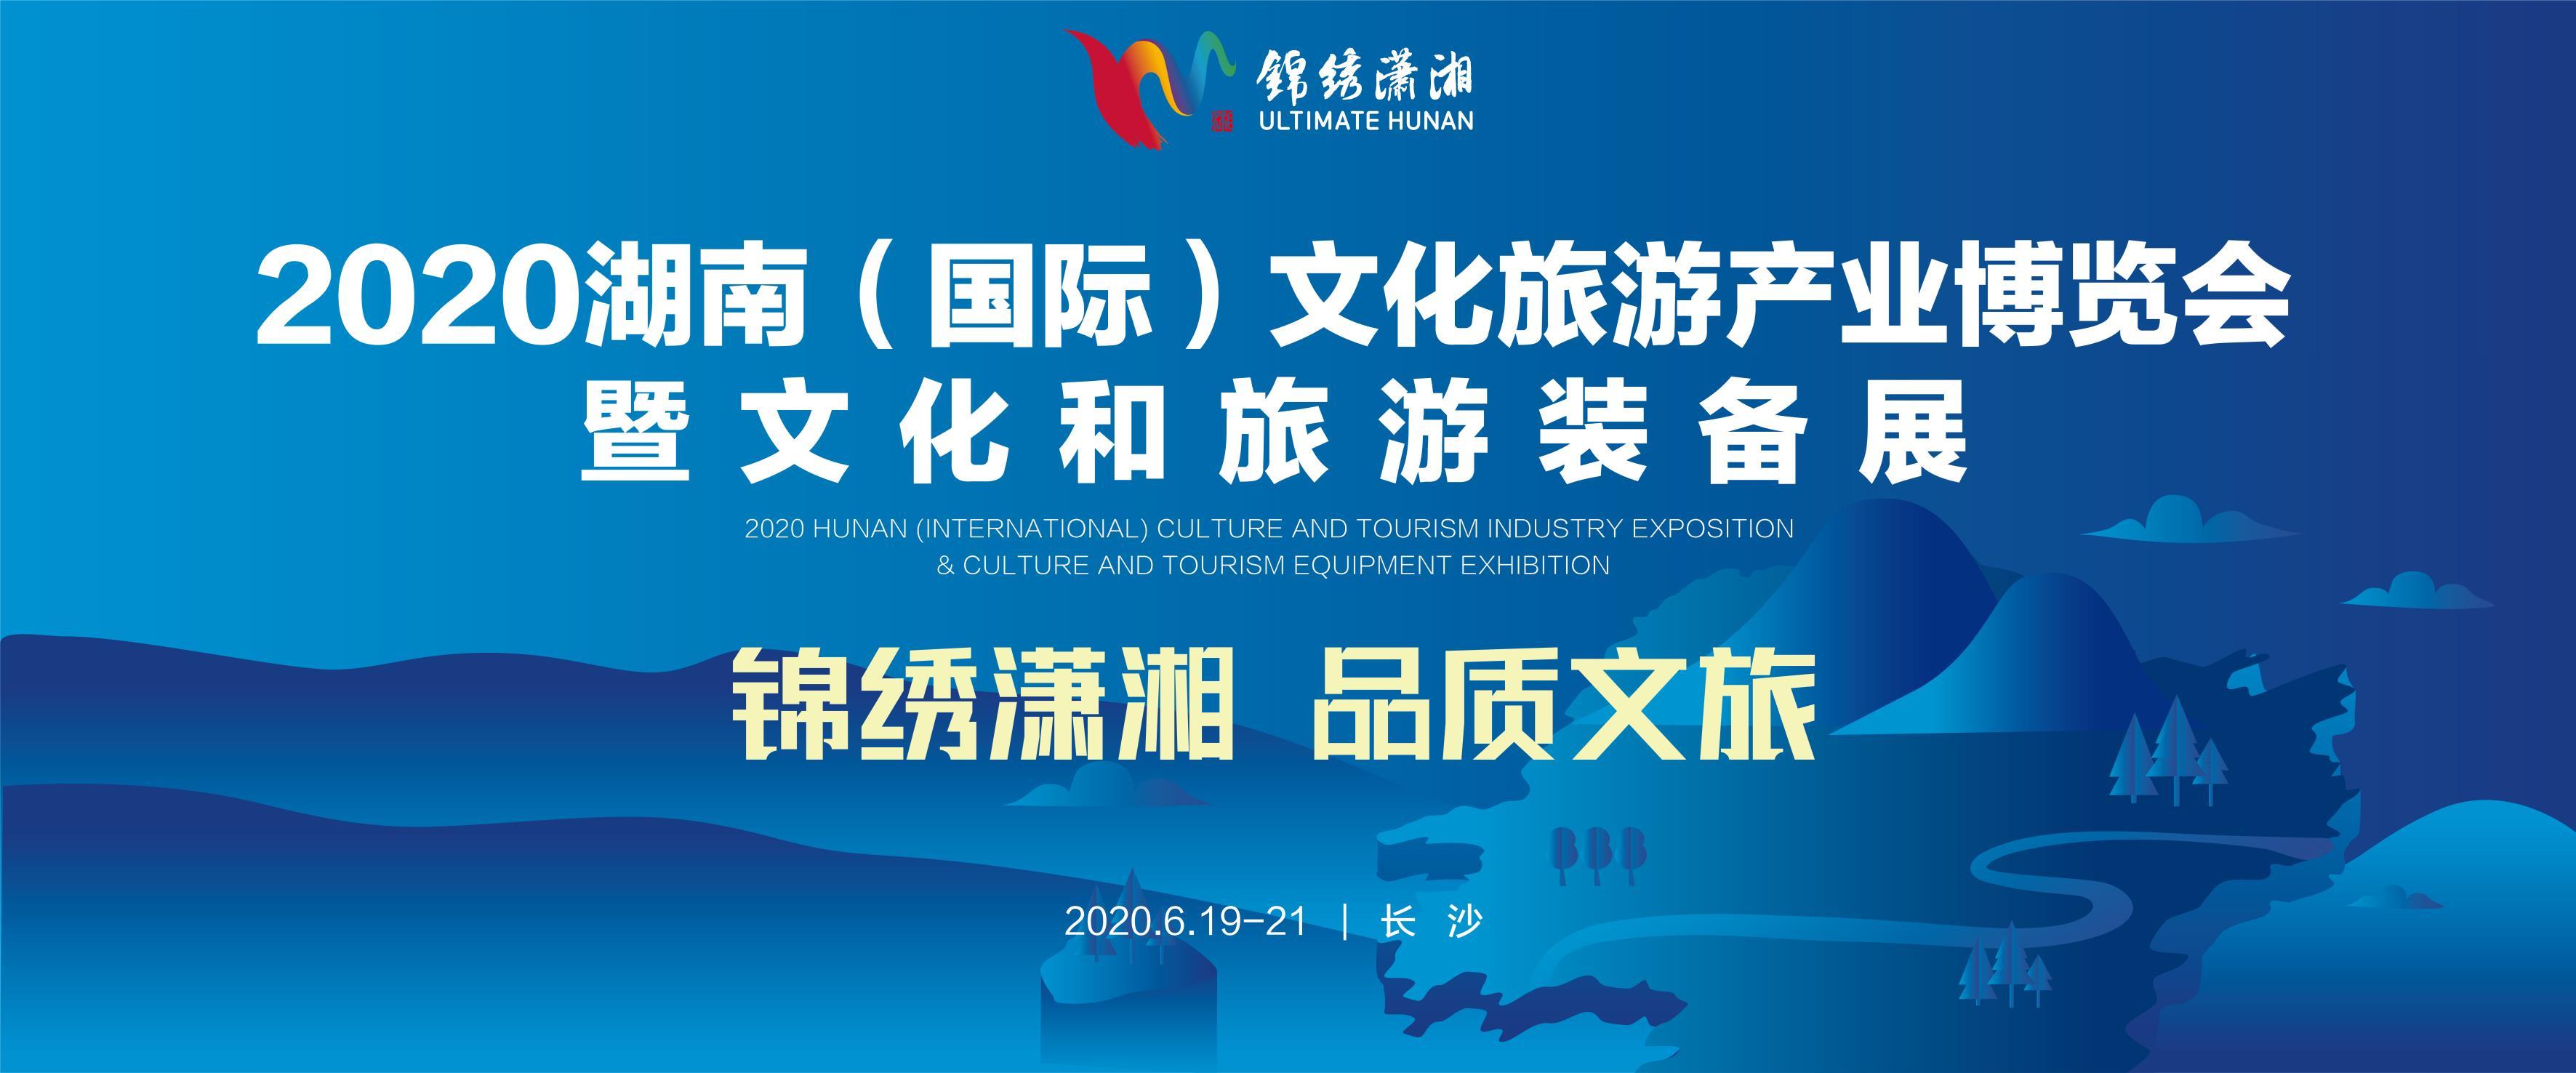 直播回顾>>2020湖南旅博会启幕 上演年度文旅采购盛宴